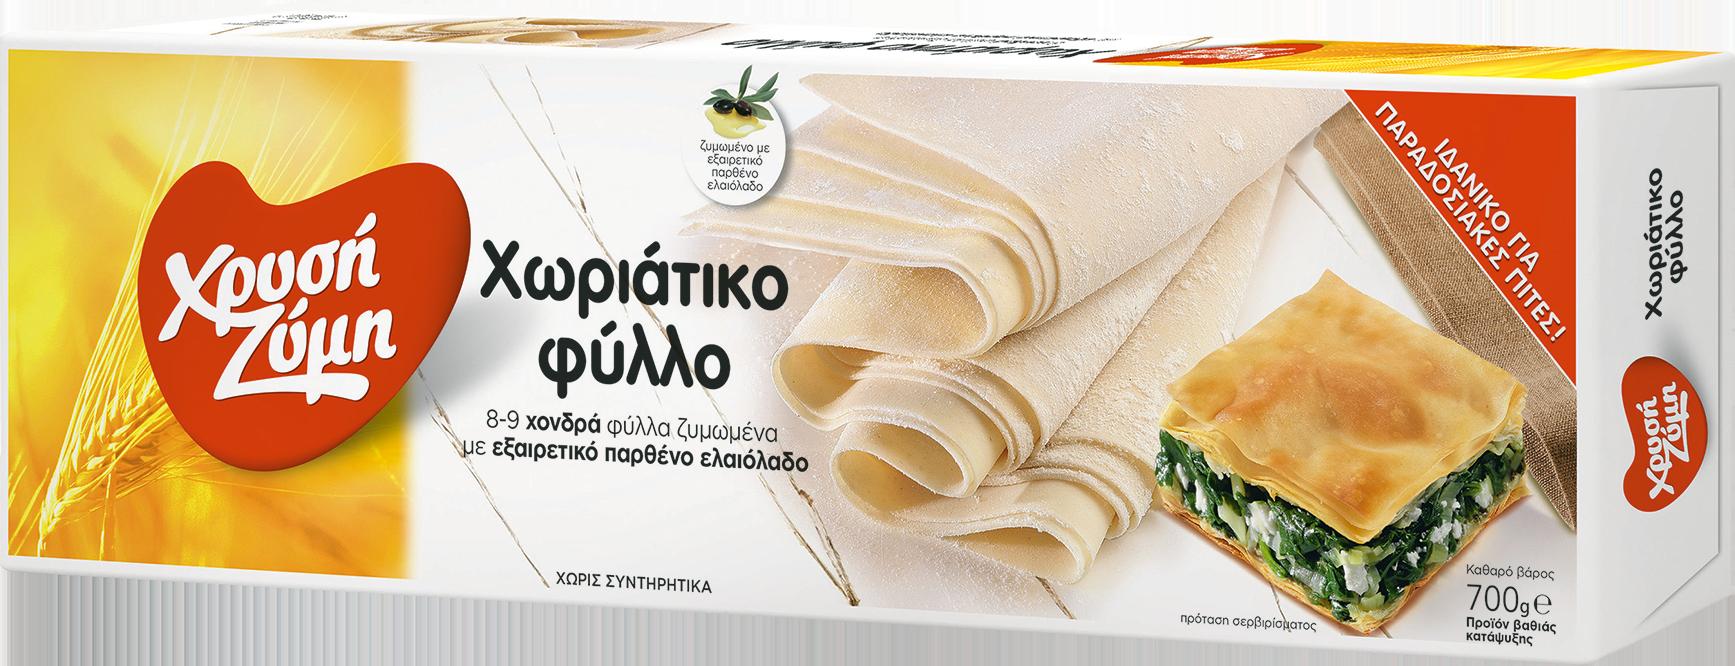 Κοτόπιτα με Χωριάτικο φύλλο από τον Άκη Πετρετζίκη